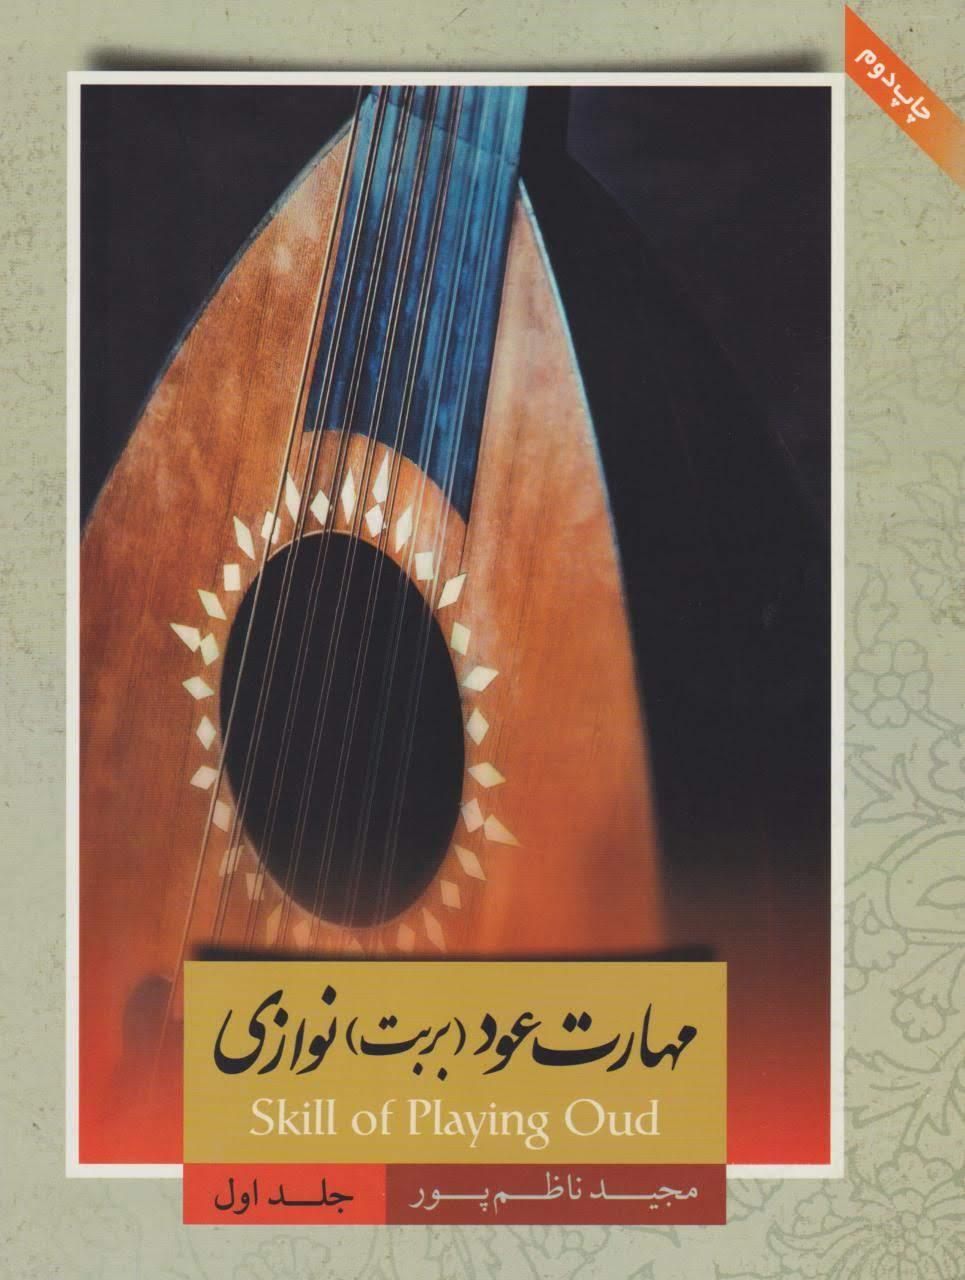 کتاب مهارت عود (بربت) نوازی ۱ مجید ناظمپور ناشر مؤلف